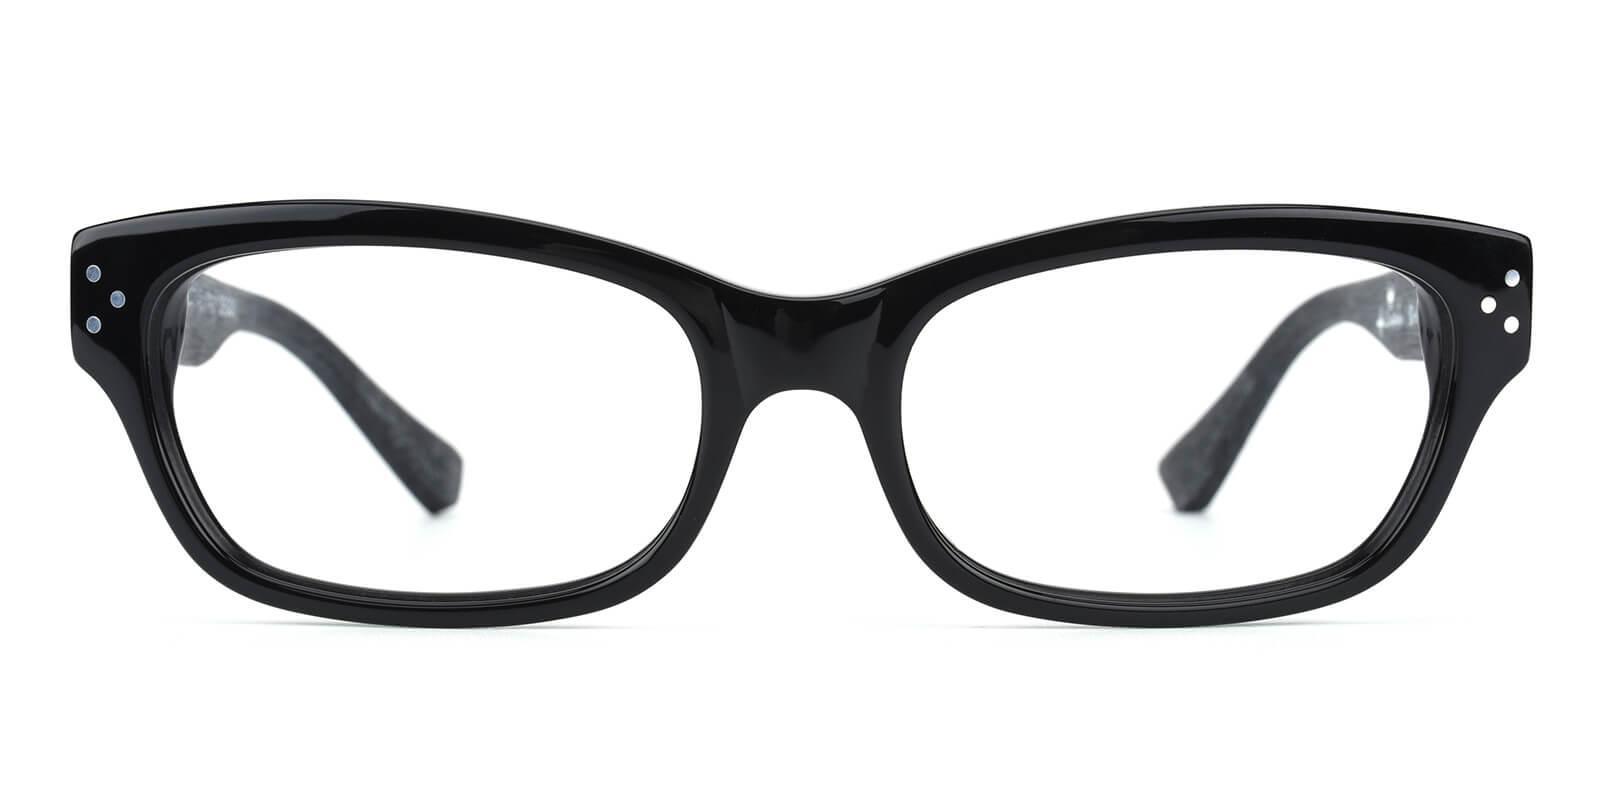 Flymingo-Black-Rectangle-Acetate-Eyeglasses-additional2